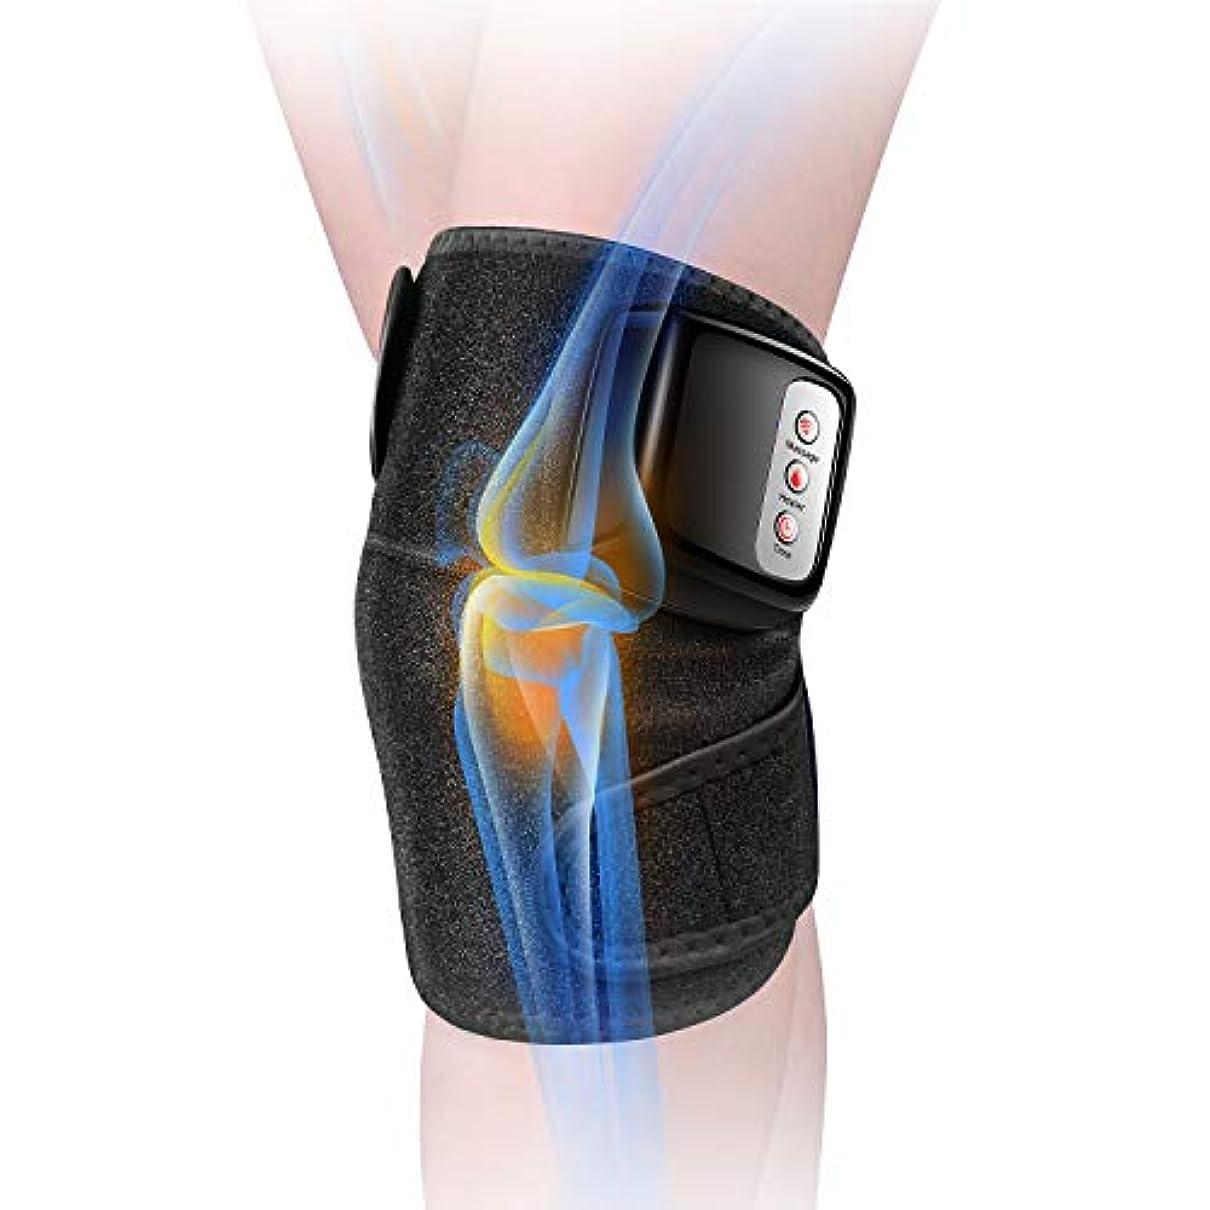 知る杭軽蔑膝マッサージャー 関節マッサージャー マッサージ器 フットマッサージャー 振動 赤外線療法 温熱療法 膝サポーター ストレス解消 肩 太もも/腕対応